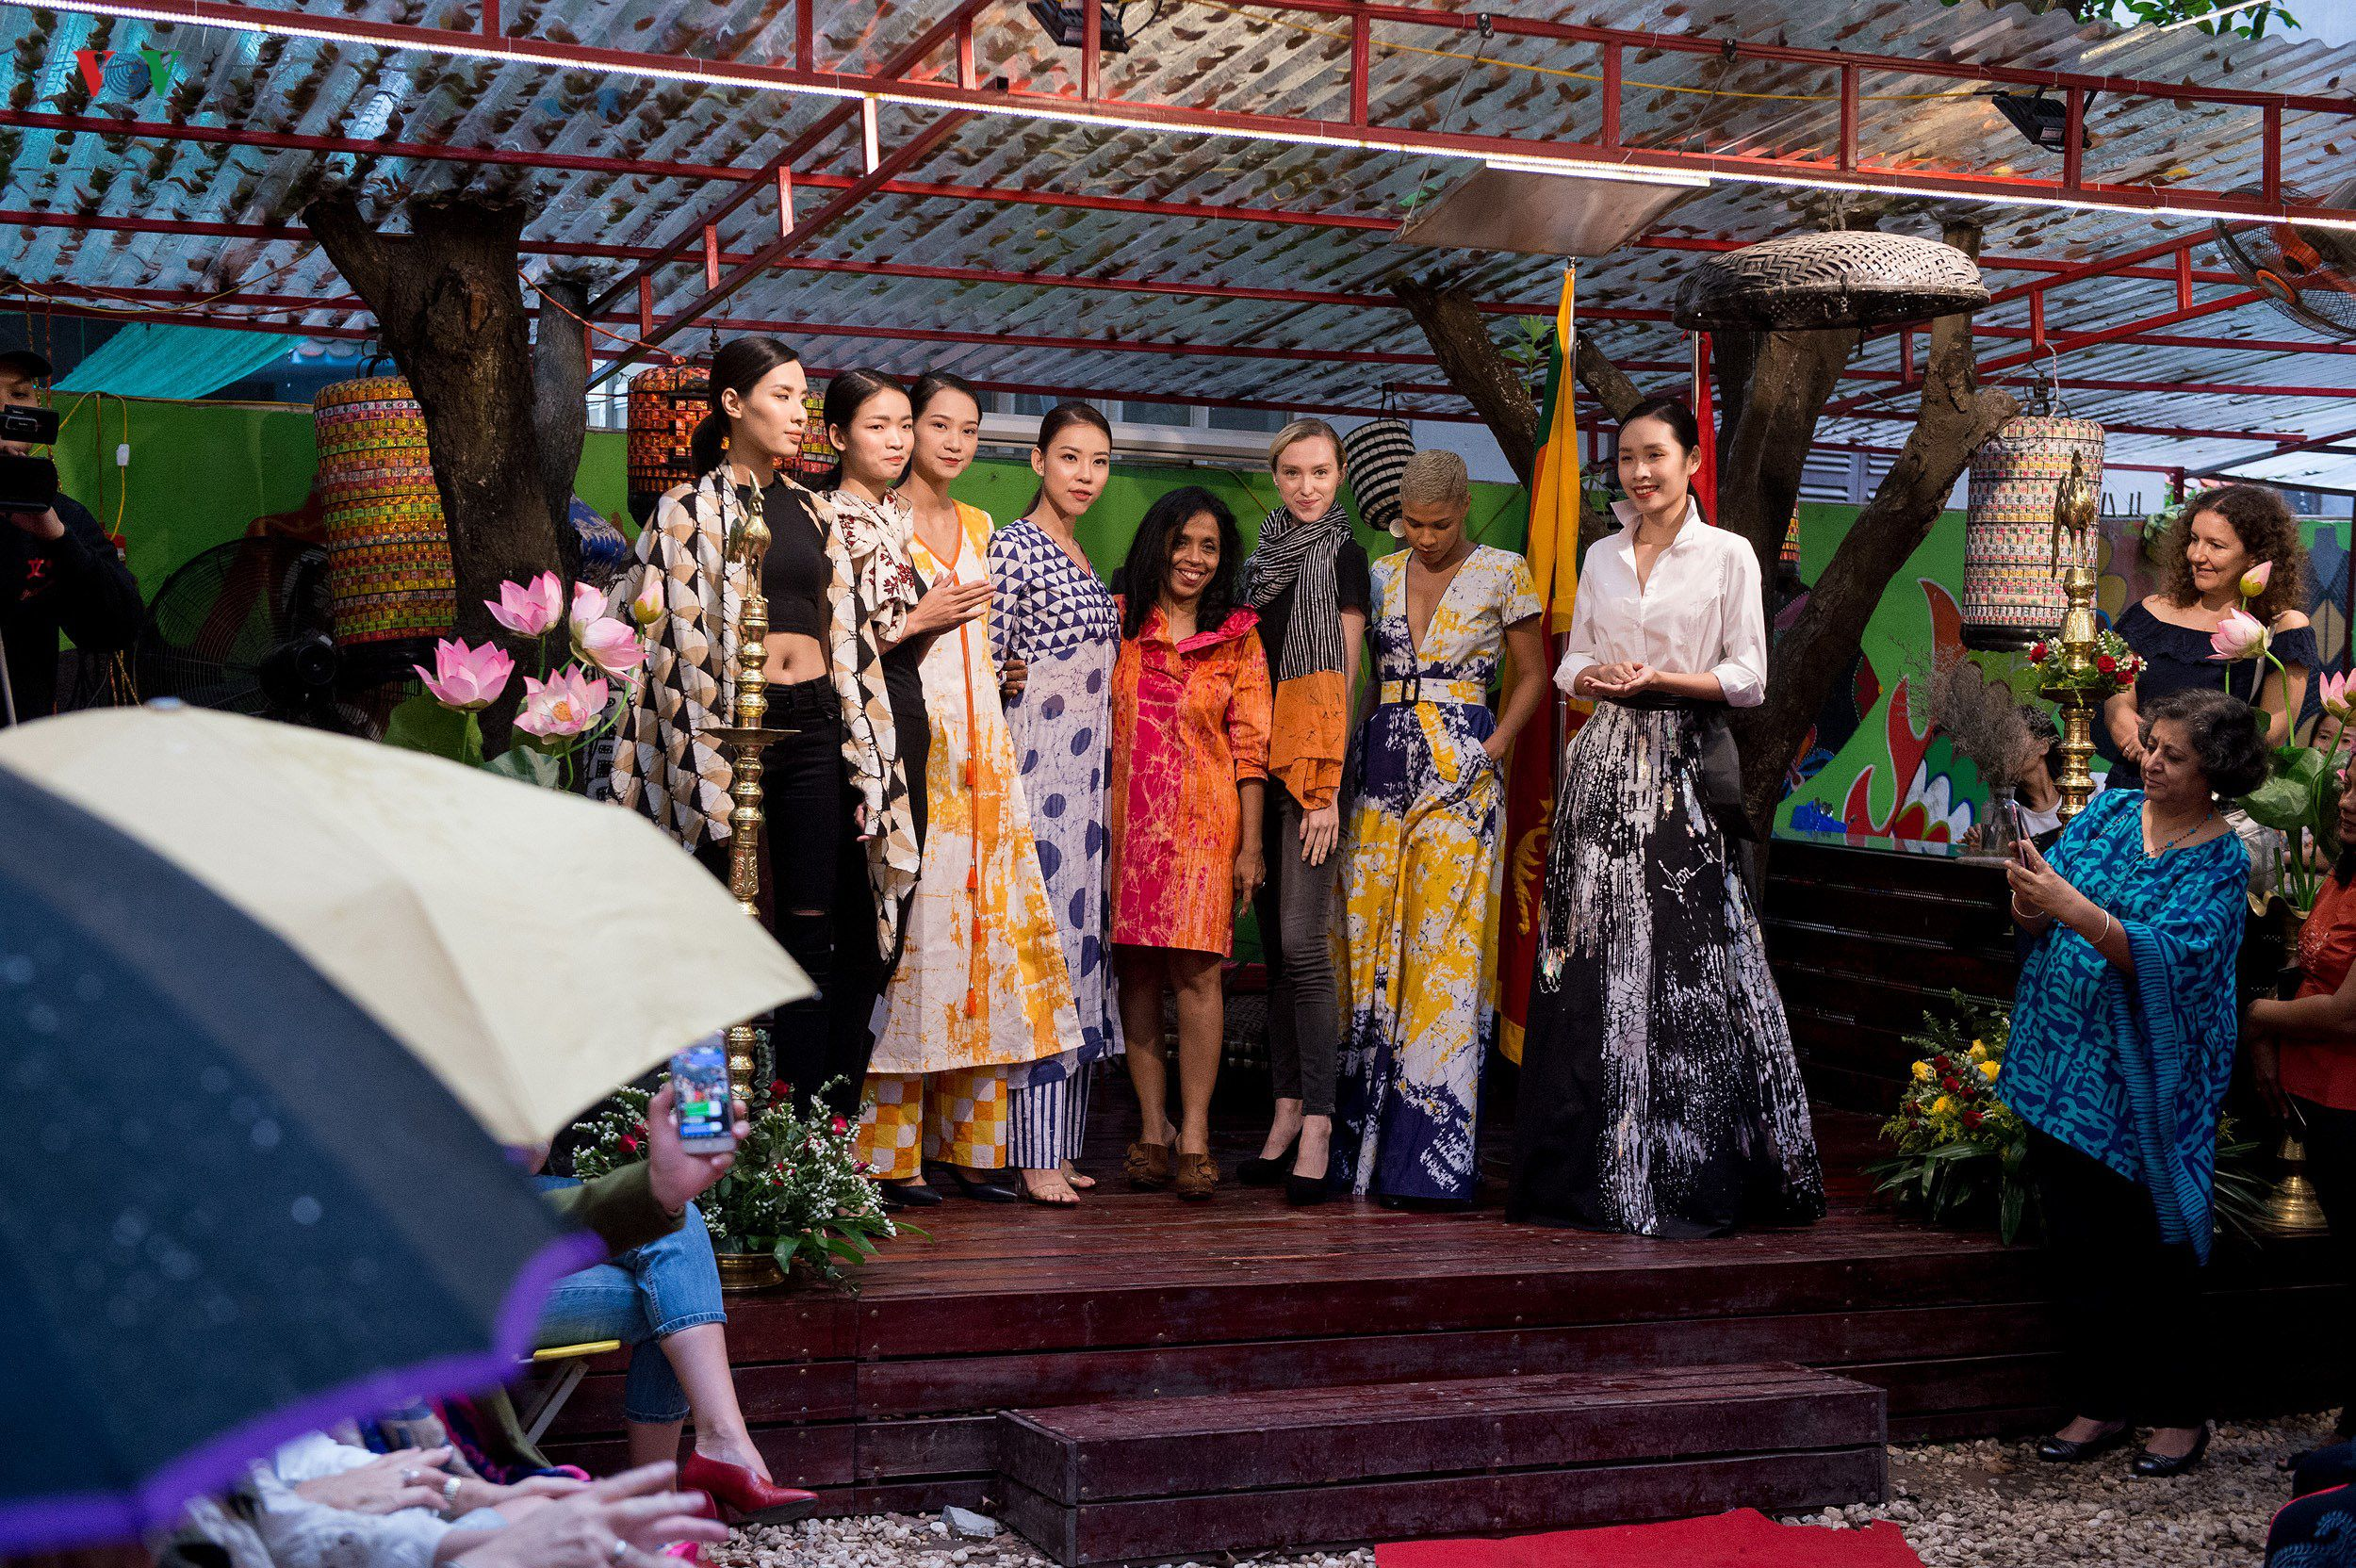 Chiêm ngưỡng bộ sưu tập thời trang đặc sắc của nhà thiết kế Sri Lanka Ảnh 12